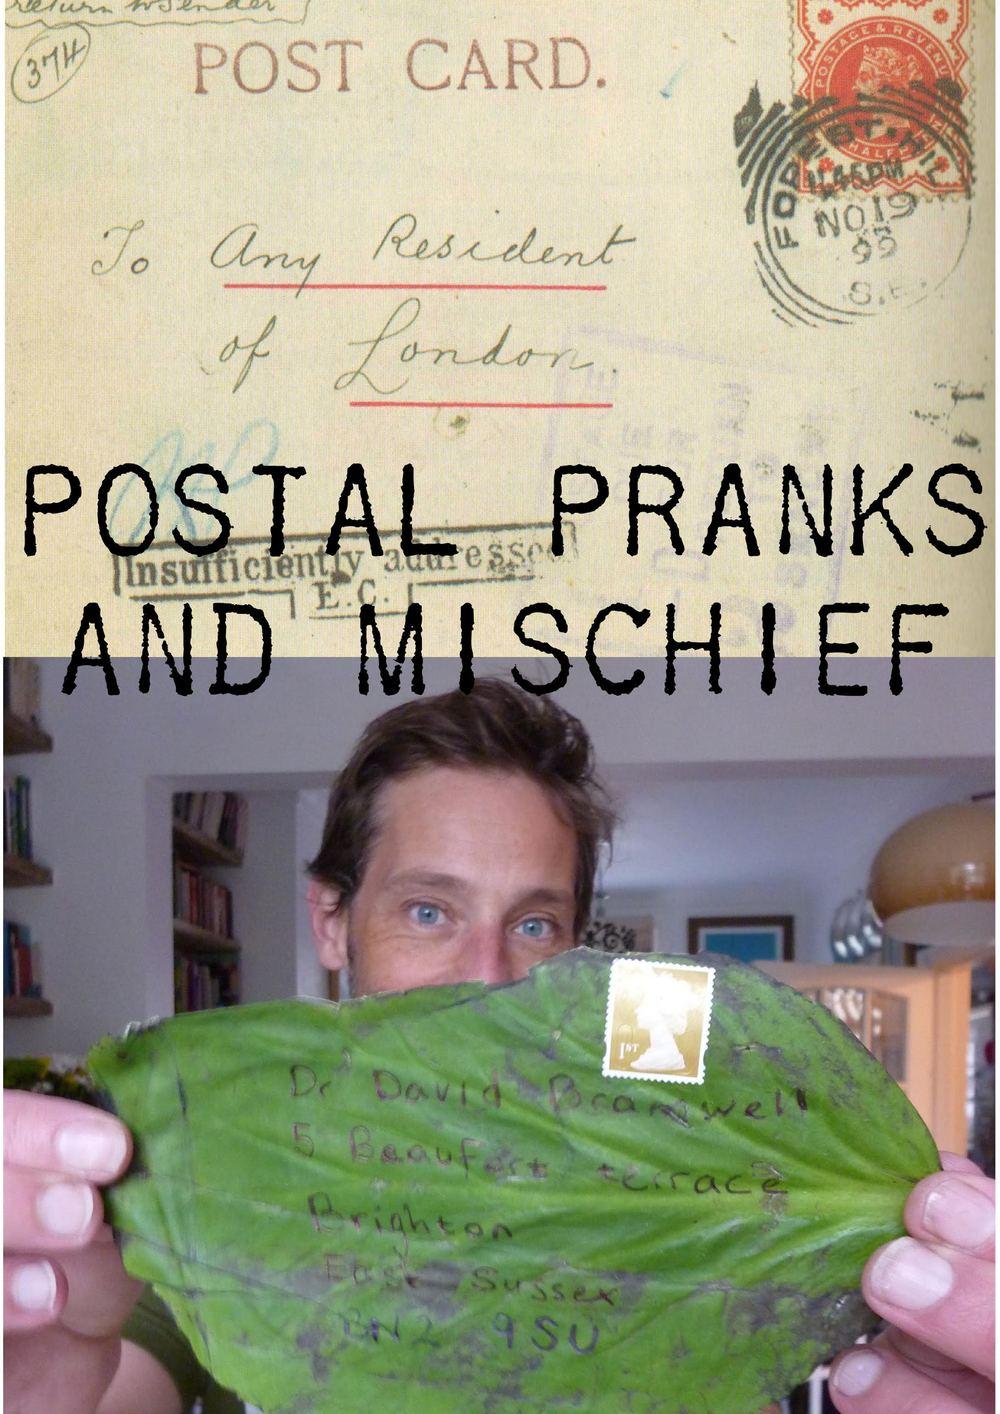 poster-postal.jpg